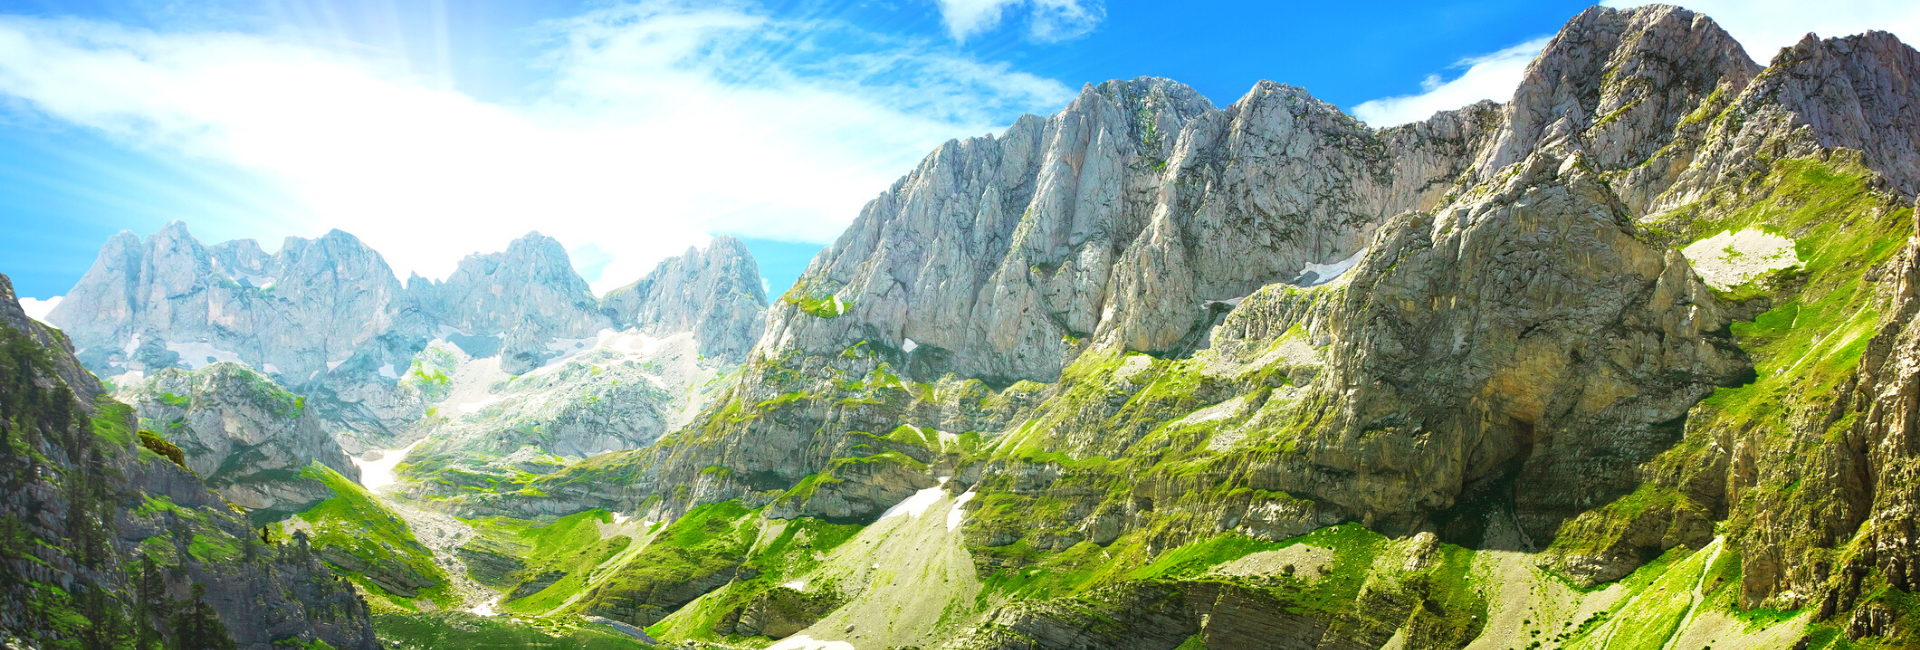 Oplev Albanien på en rundrejse med Risskov Rejser